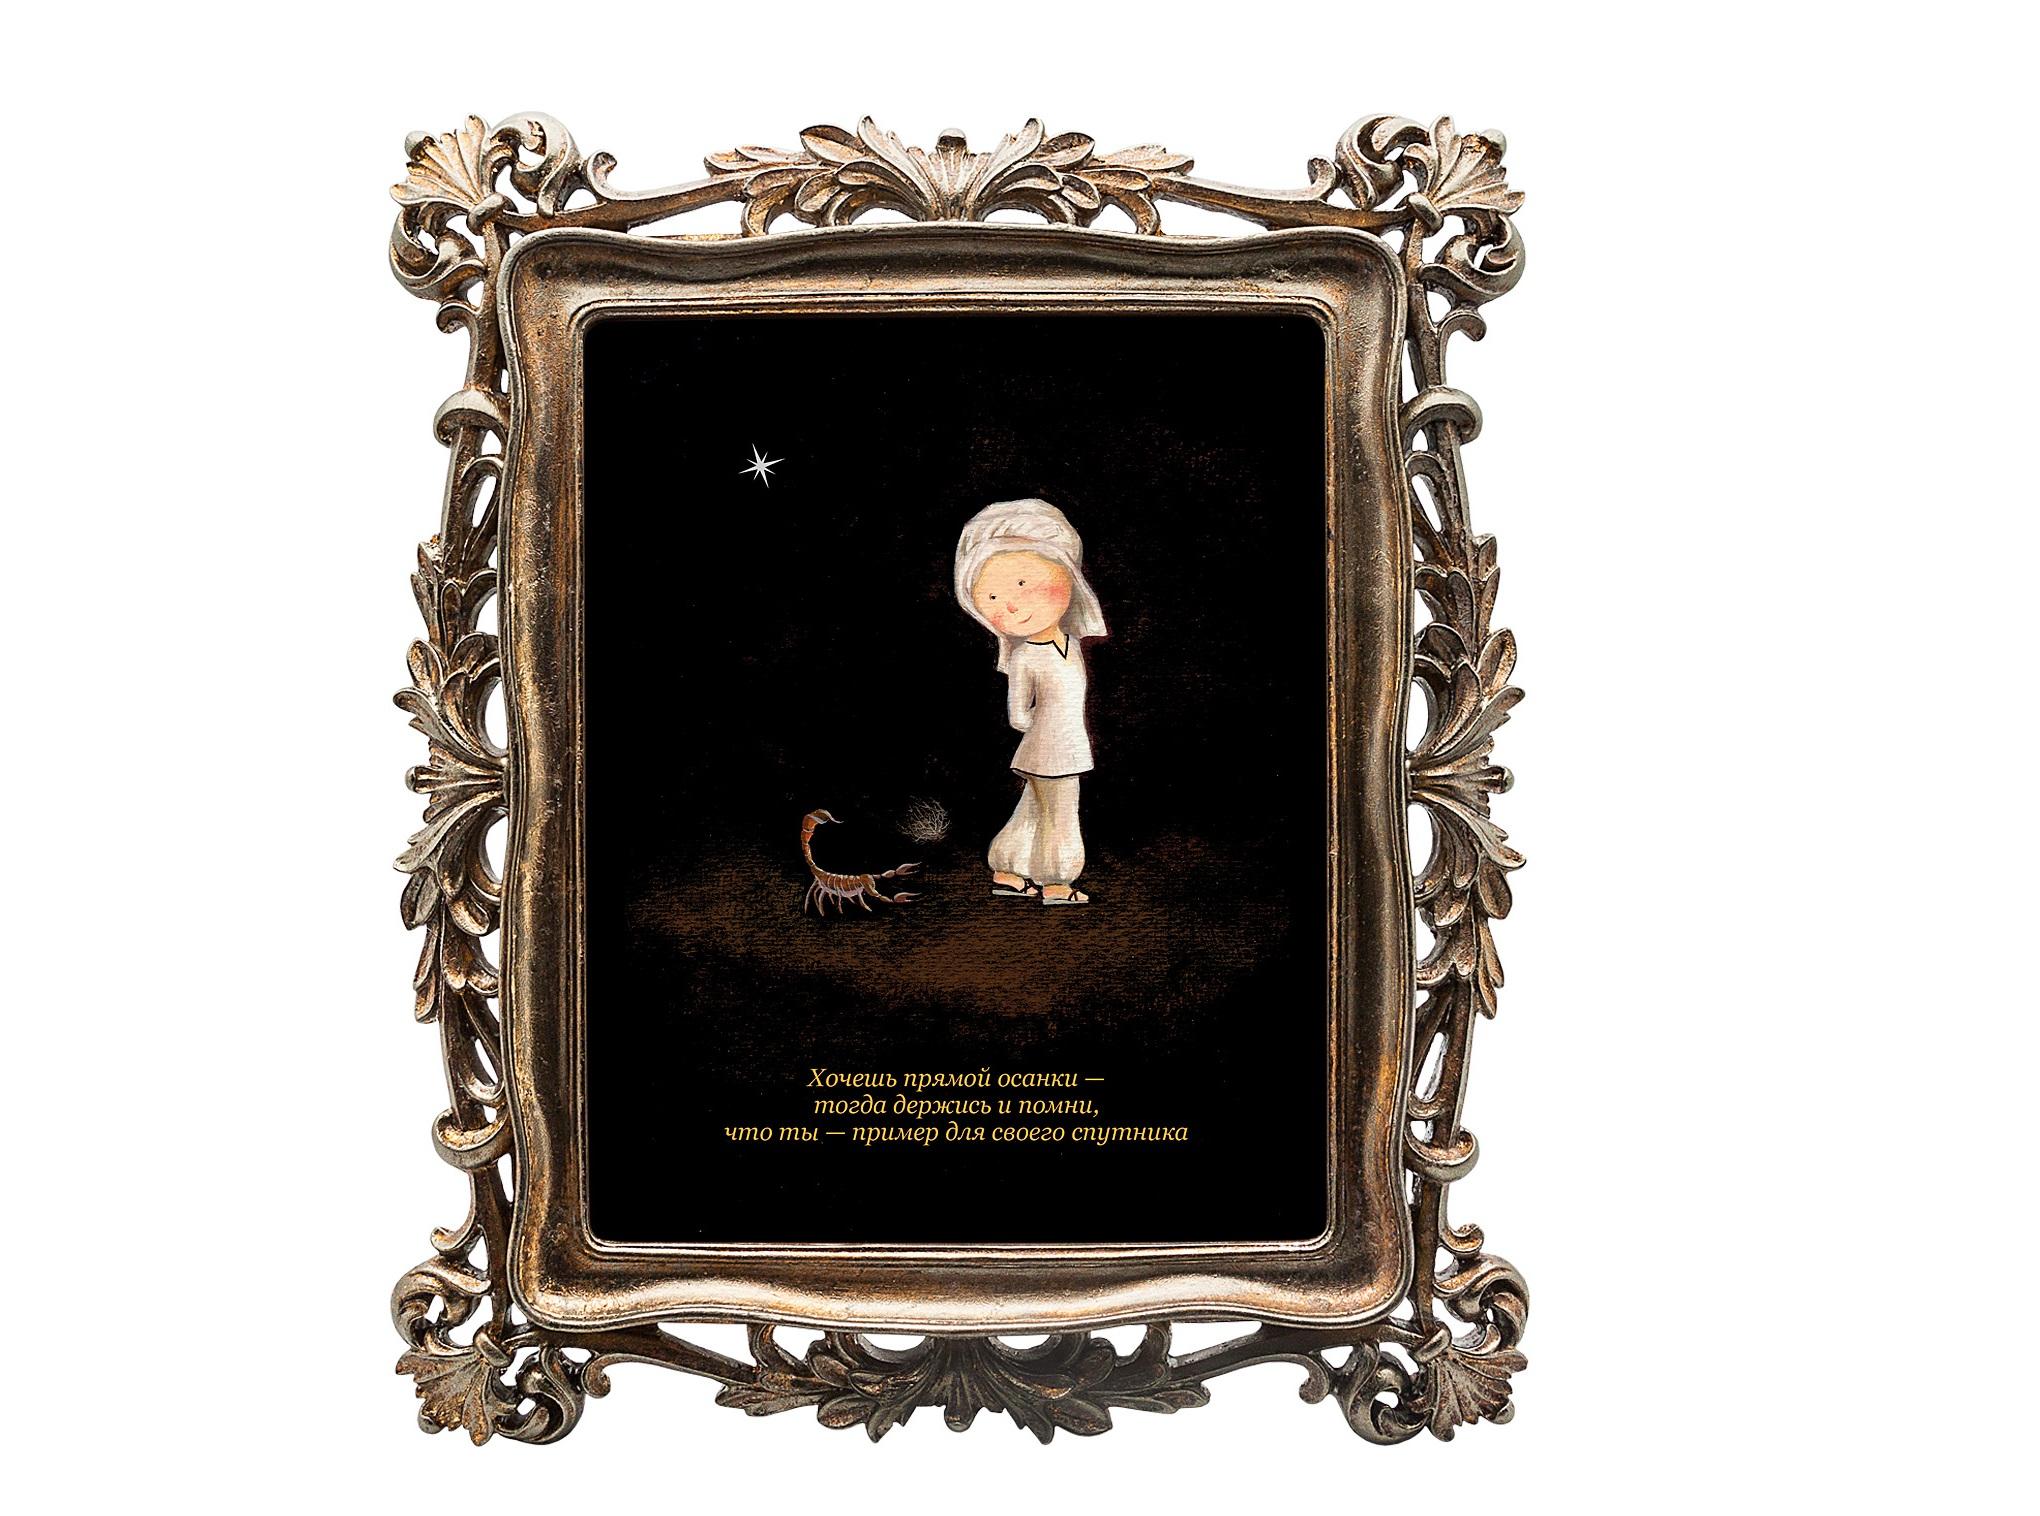 Картина 12 рецептов счастья (Скорпион)Картины<br>Картина из коллекции «12 рецептов счастья» «Хочешь прямой осанки — тогда держись и помни, что ты — пример для своего спутника»  олицетворяет собой знак зодиака Скорпион, преподнося нам уникальное пожелание.  Картину можно повесить на стену, либо поставить, например, на стол или камин. Защитный стеклянный слой  гарантирует долгую жизнь прекрасному изображению. Рама изготовлена из полистоуна. Искусная техника состаривания придает раме особую теплоту и винтажность.&amp;lt;div&amp;gt;&amp;lt;br&amp;gt;&amp;lt;/div&amp;gt;&amp;lt;div&amp;gt;Материал: полистоун, стекло, дизайнерская бумага.&amp;lt;br&amp;gt;&amp;lt;/div&amp;gt;<br><br>Material: Полистоун<br>Width см: 29.7<br>Depth см: 2.2<br>Height см: 34.7